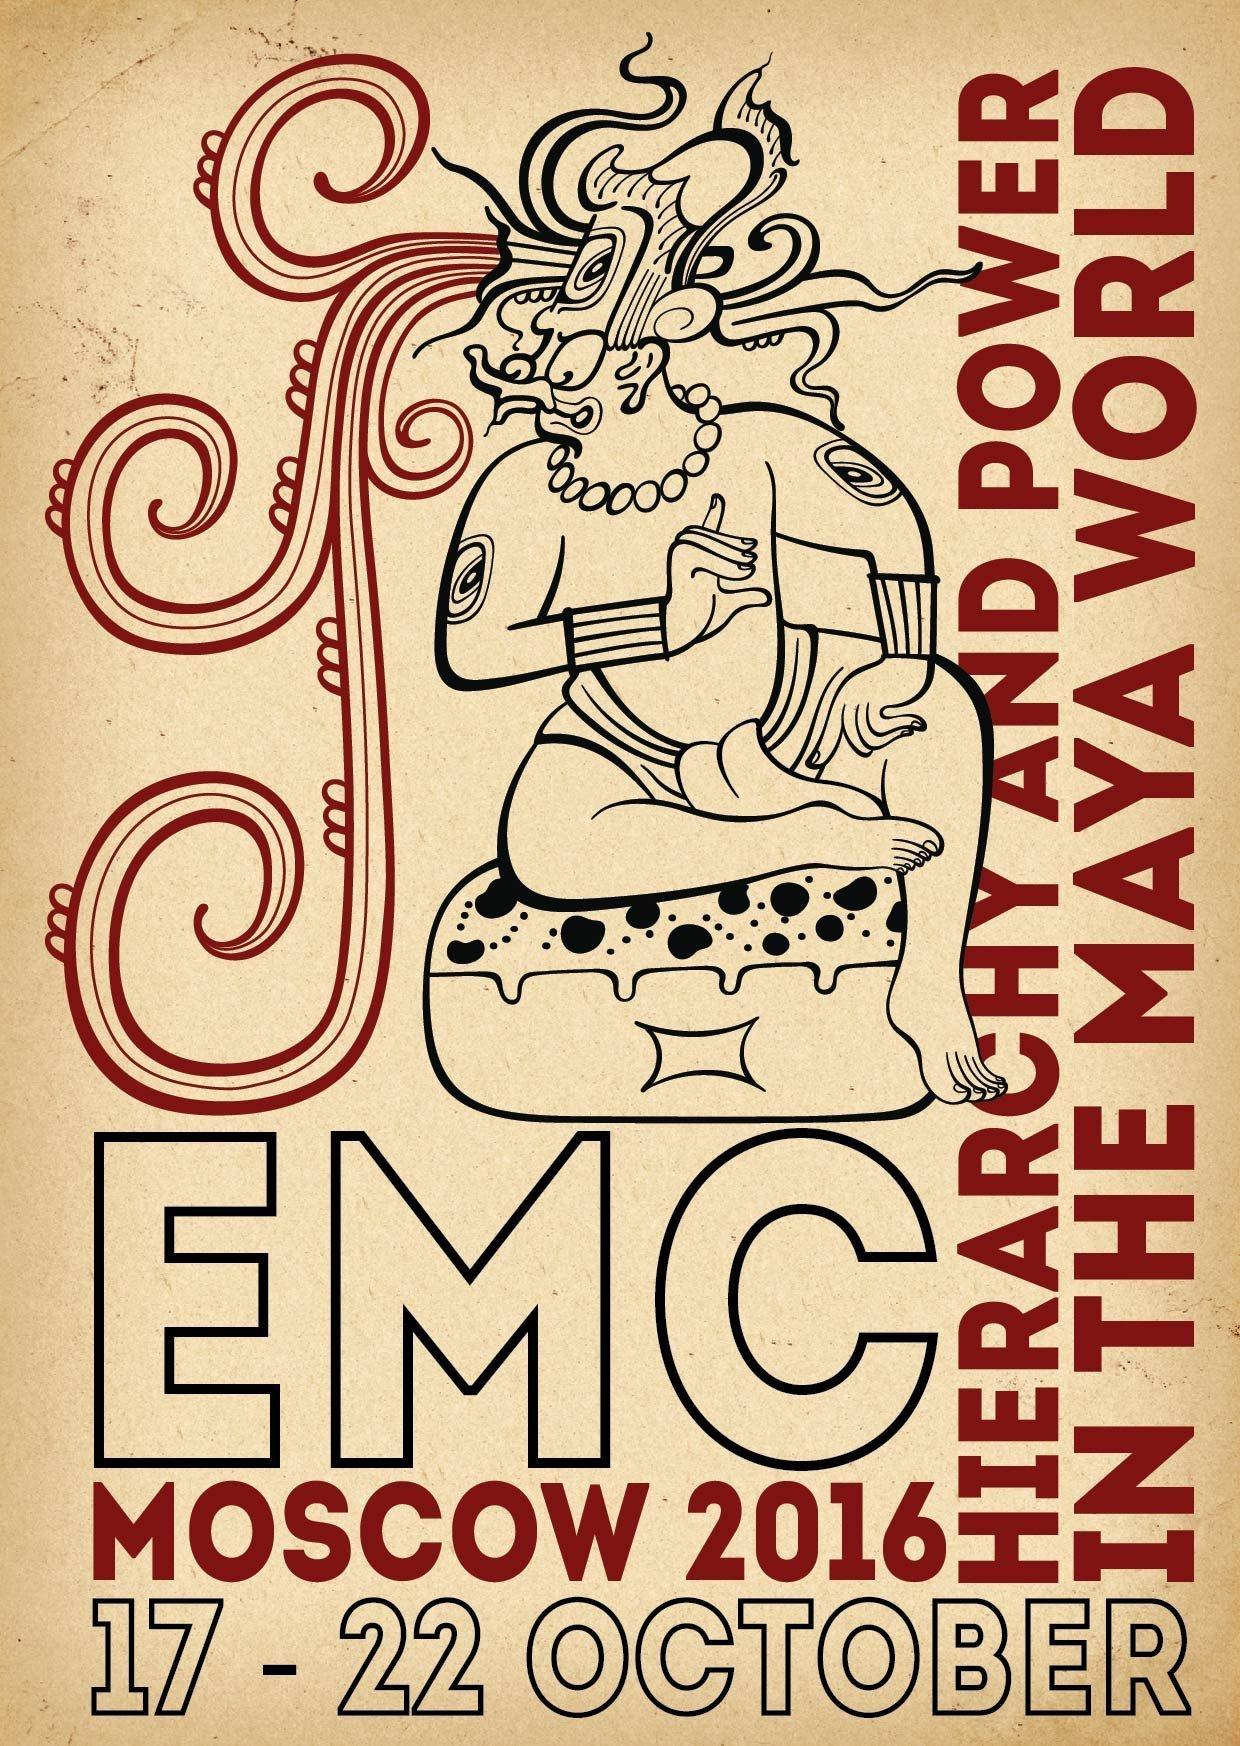 Logo de EMC 2016 en Moscú